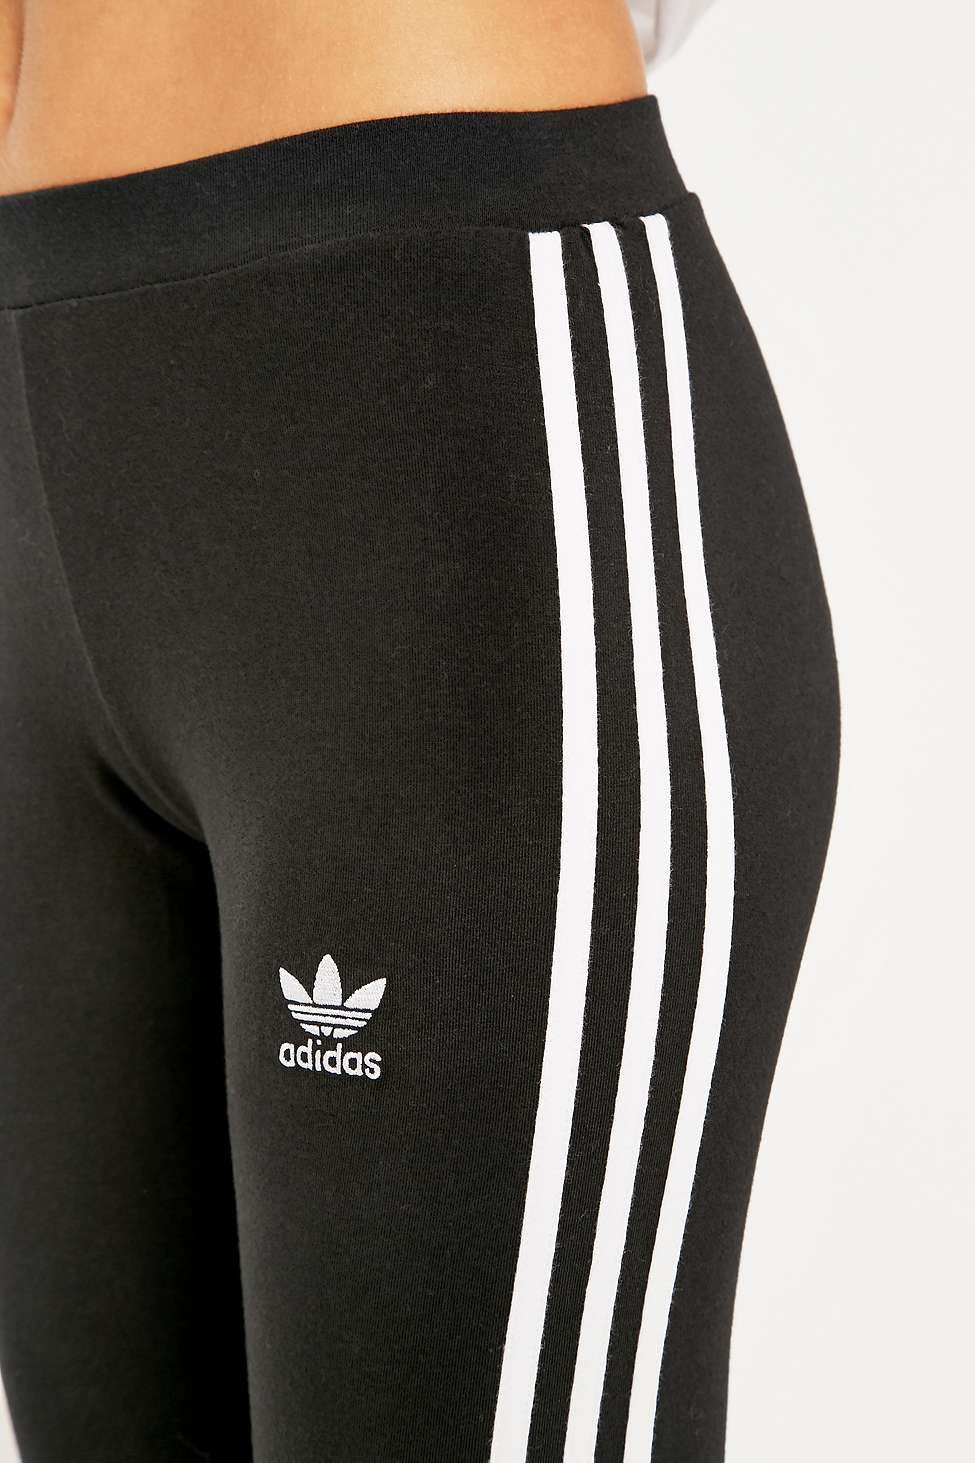 Adidas originals three stripe black leggings urban